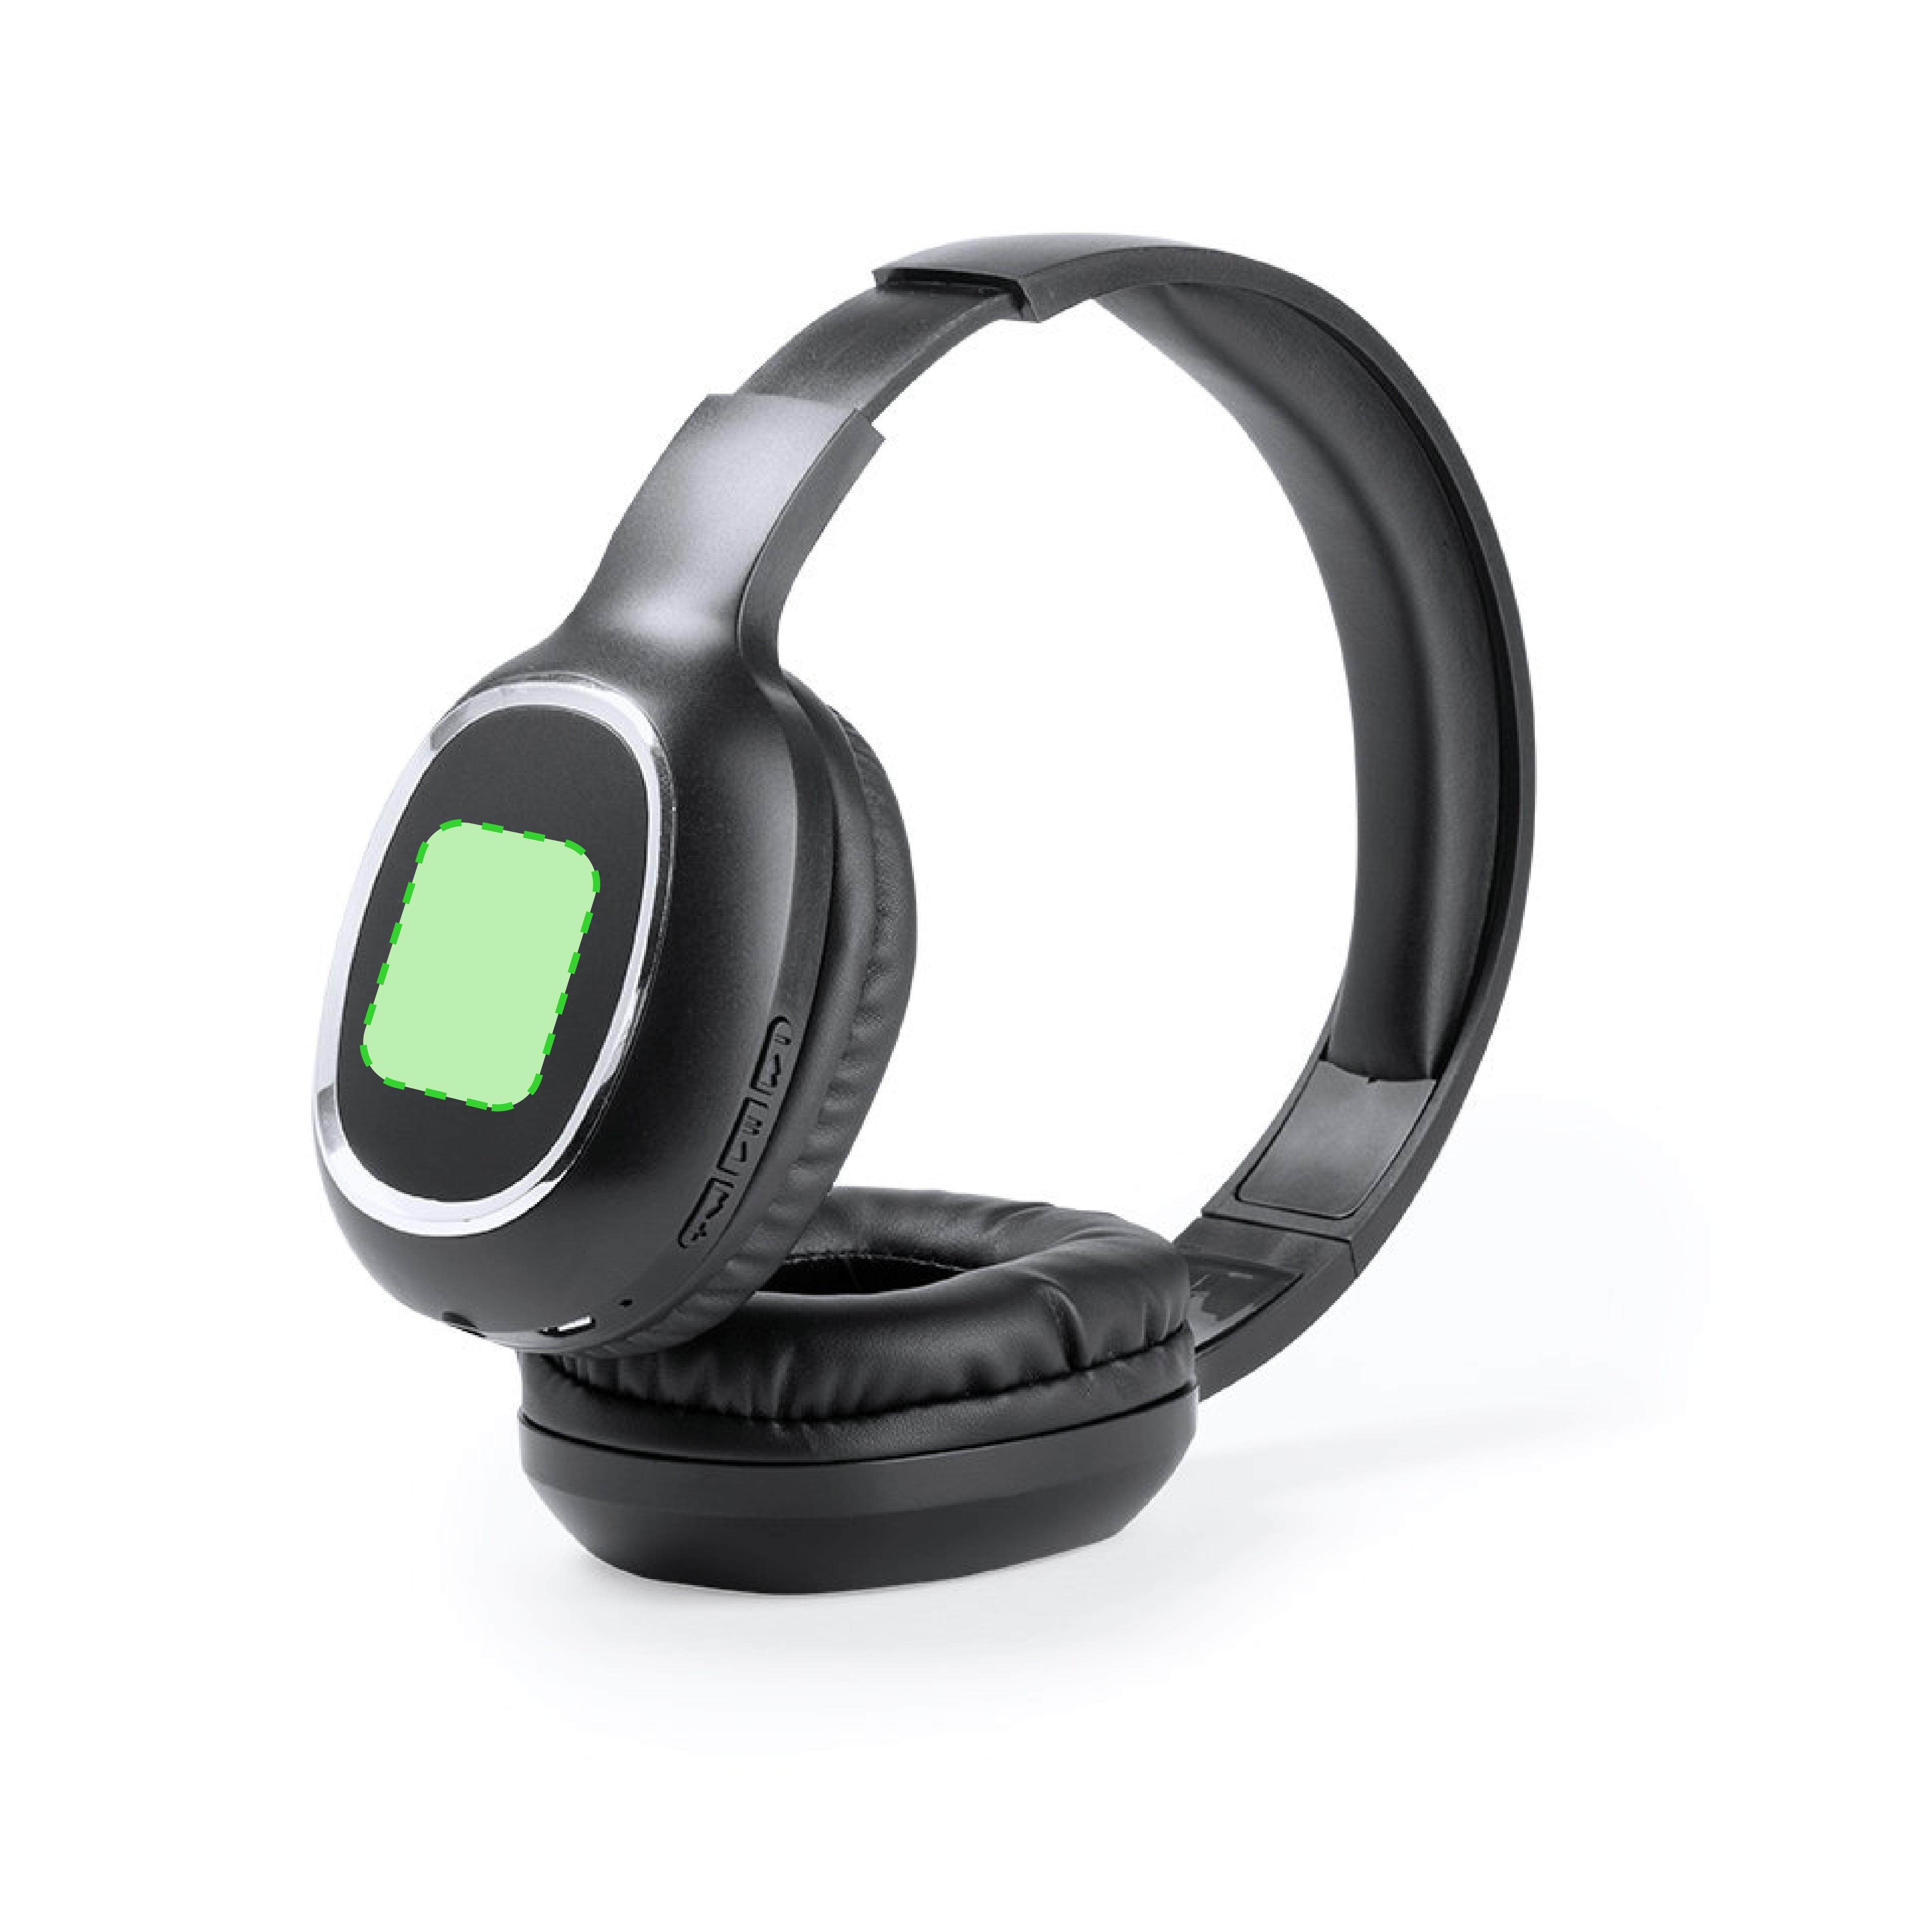 Sobre el auricular izquierdo